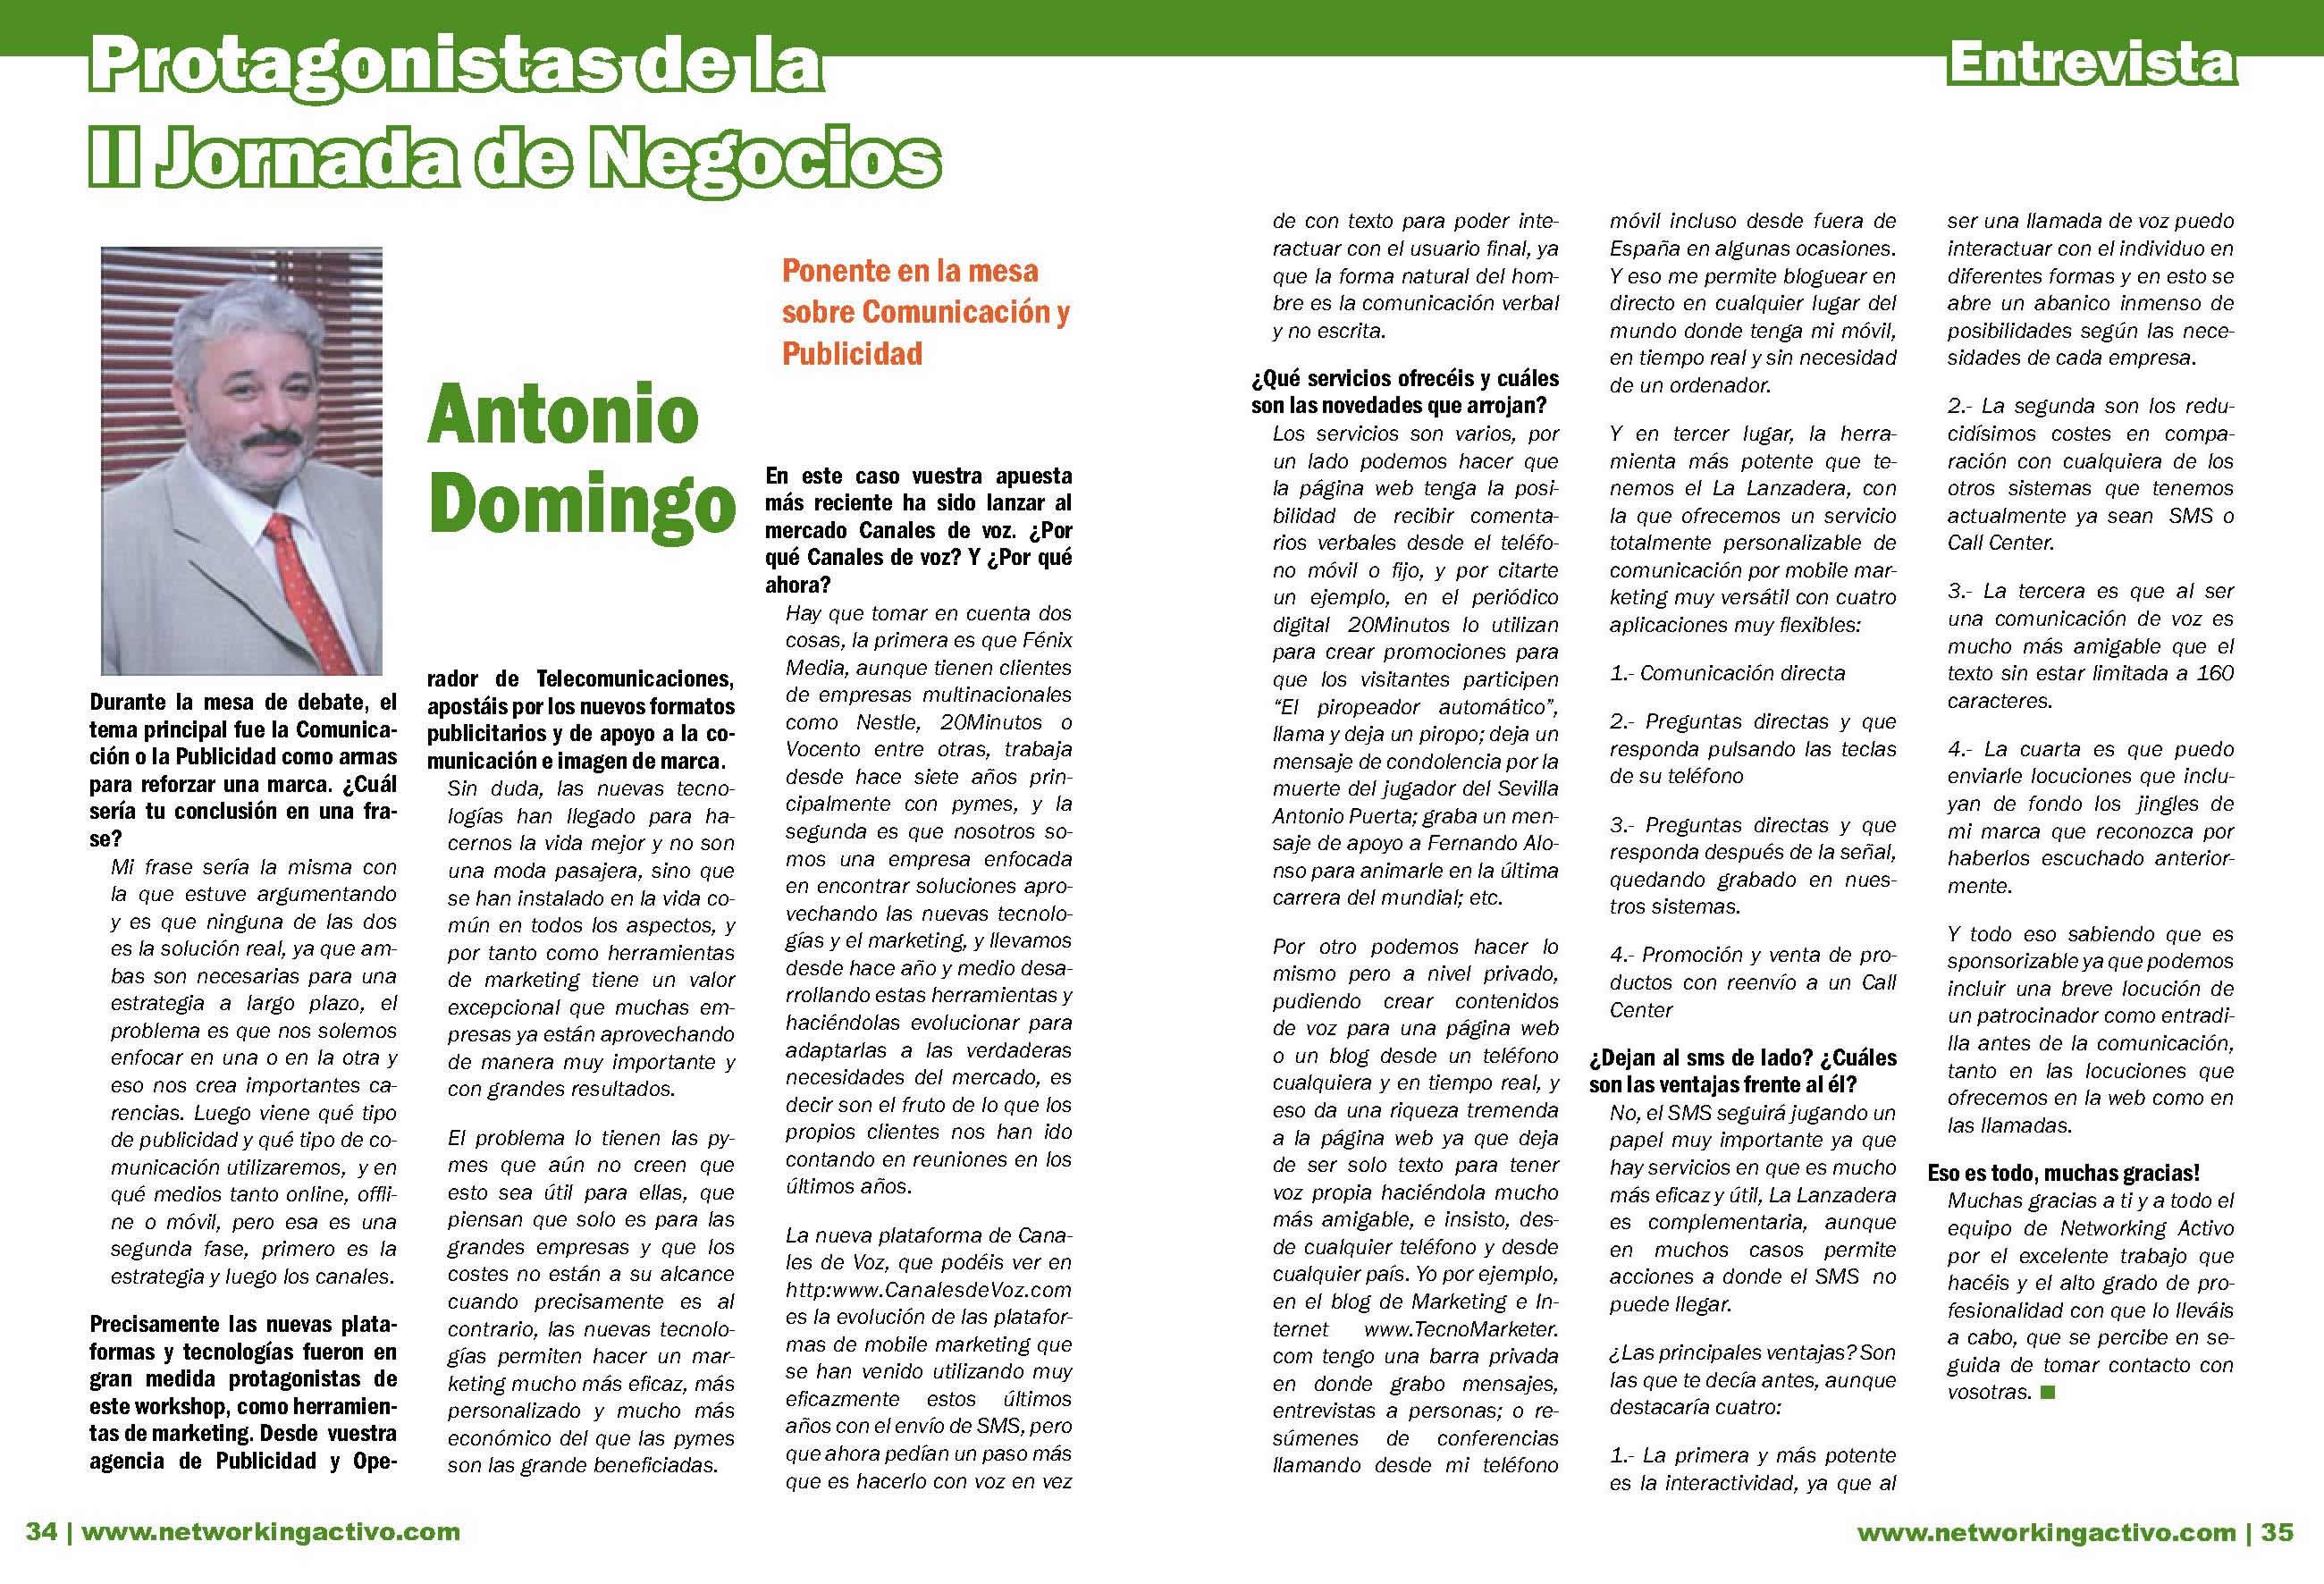 Protagonistas IIJN: Antonio Domingo